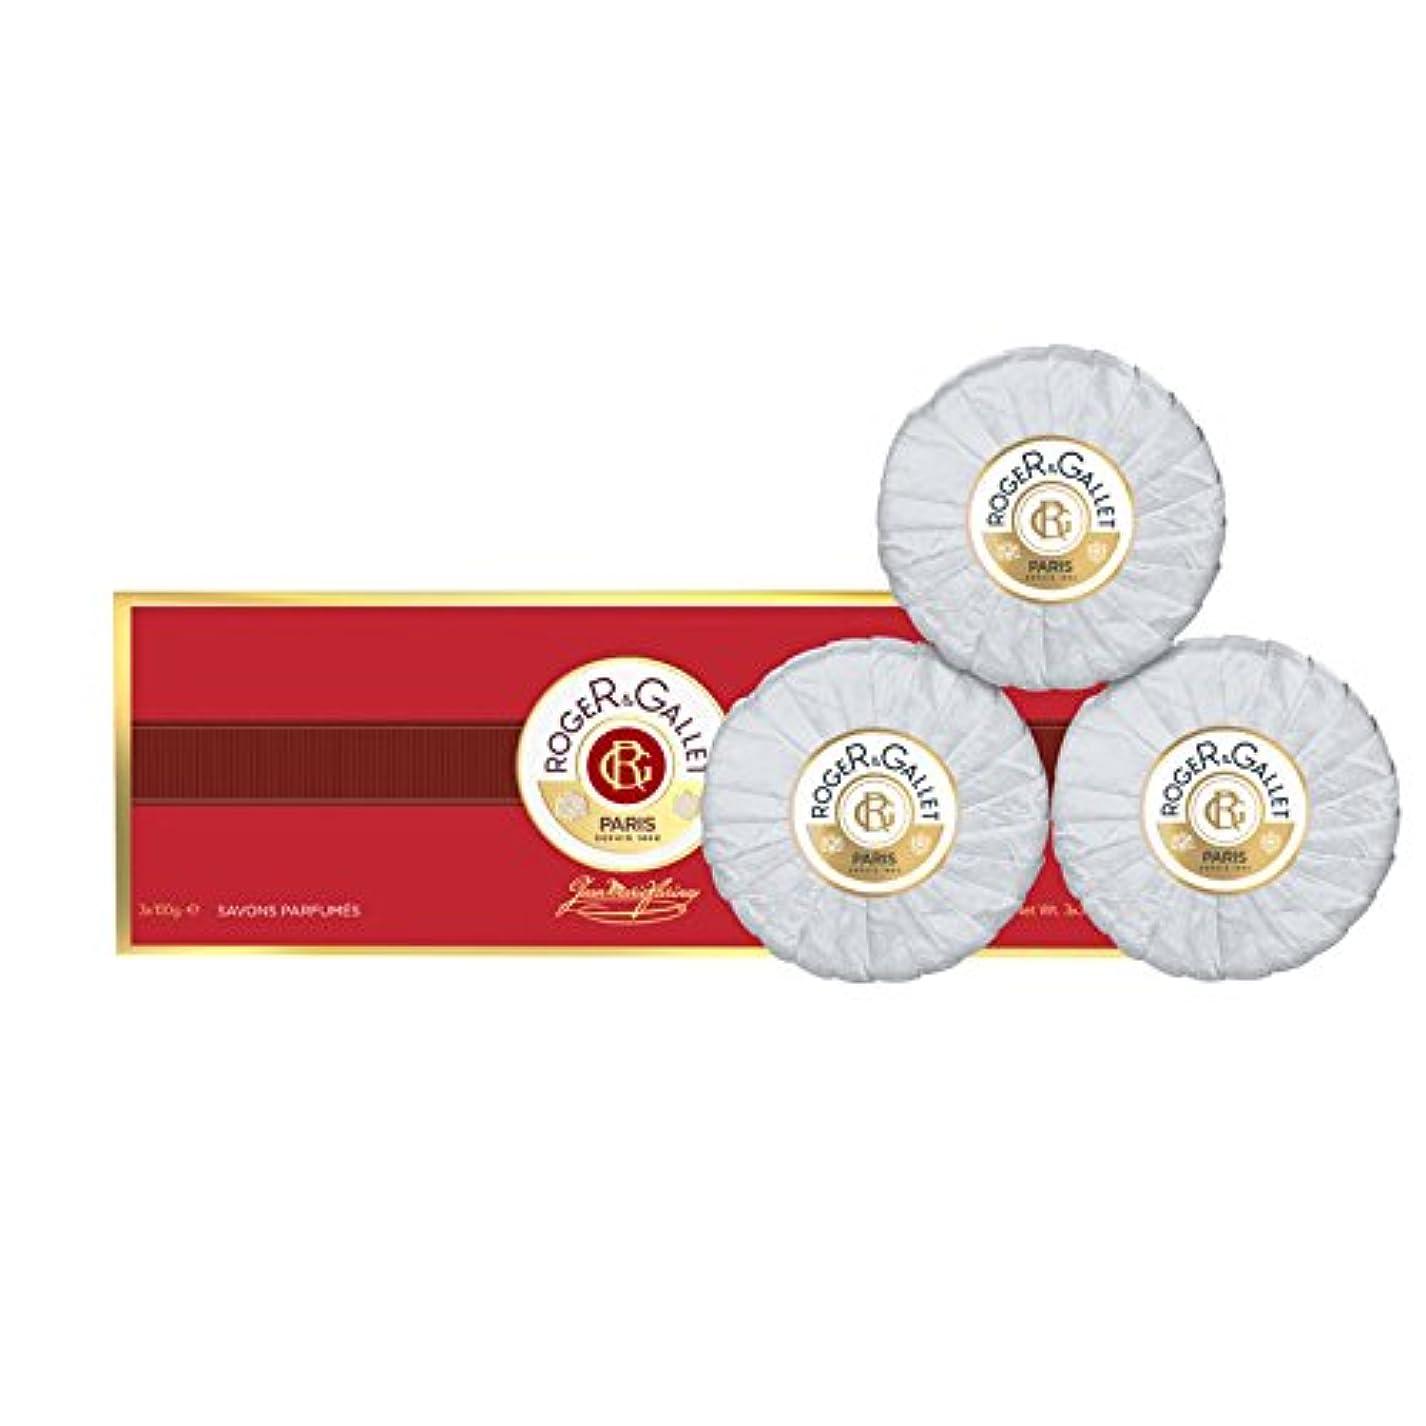 排除一族アーサーコナンドイルロジェガレ ジャンマリファリナ 香水石鹸 3個セット 100g×3 ROGER&GALLET JEAN MARIE FARINA SOAP [並行輸入品]